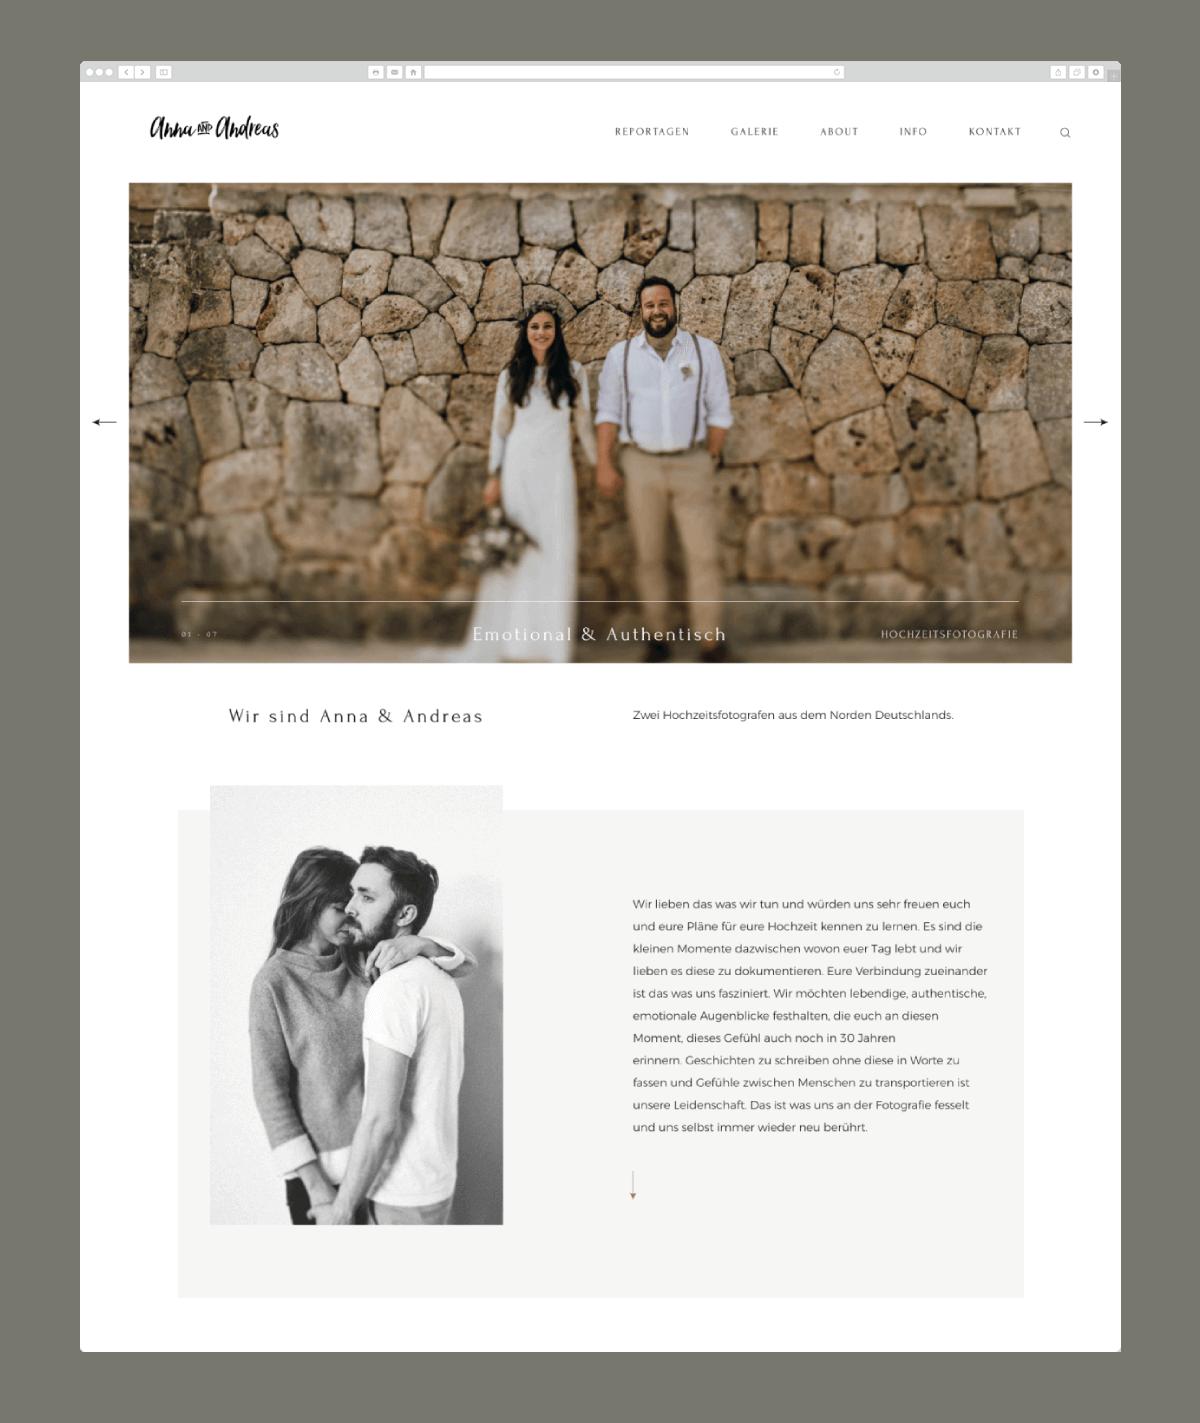 wedding photography website design marrymedesign.de